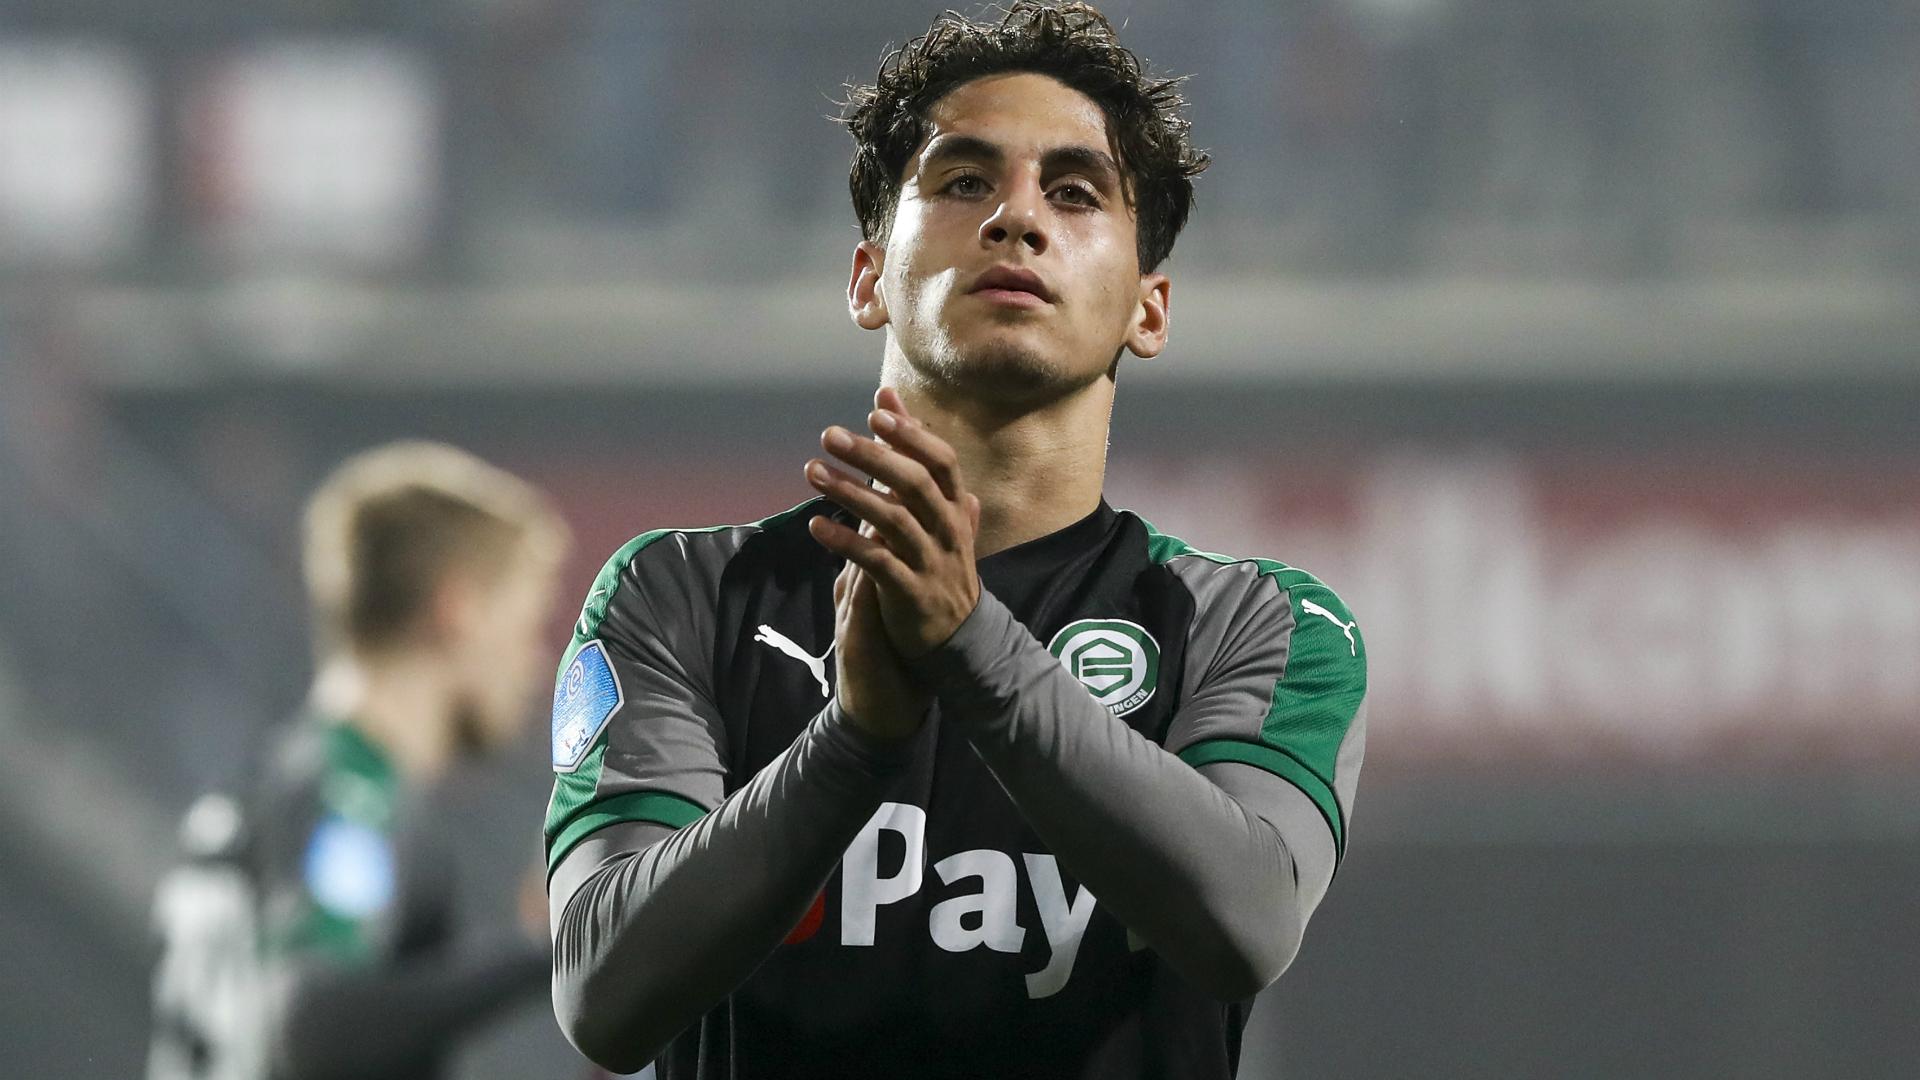 Barcelona snap up teenage midfielder Reis from Groningen